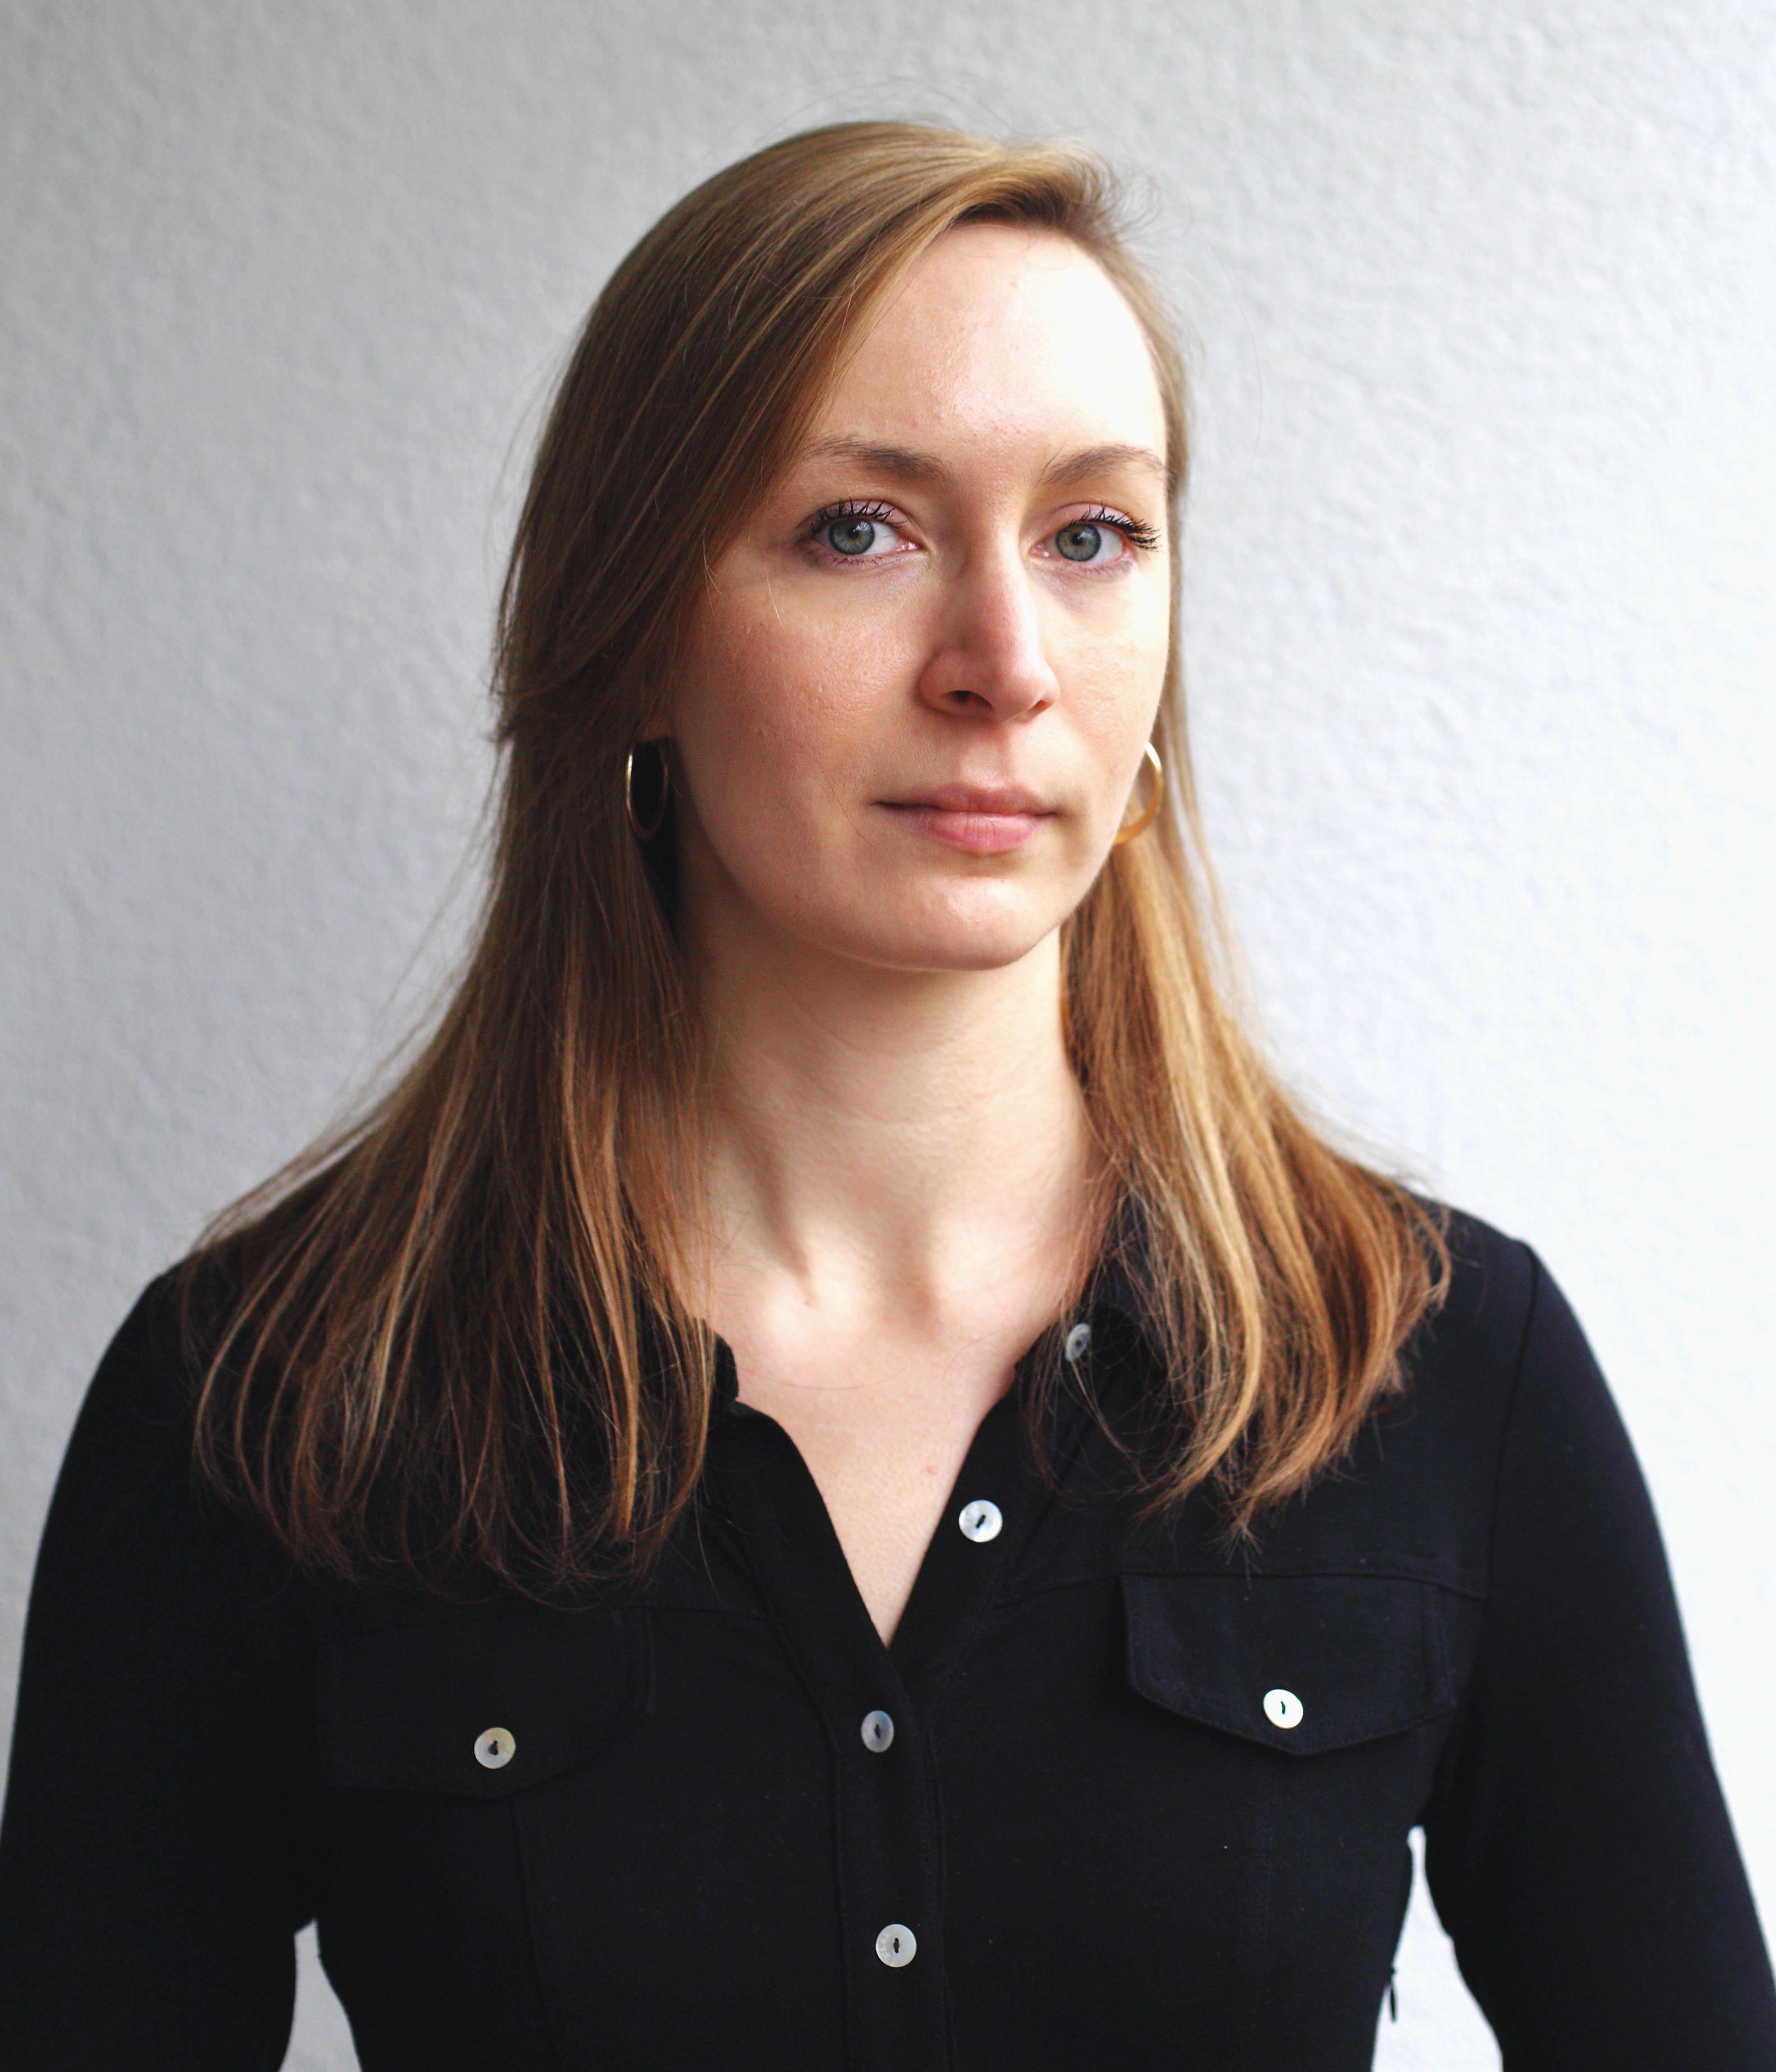 Małgorzata Walendowska